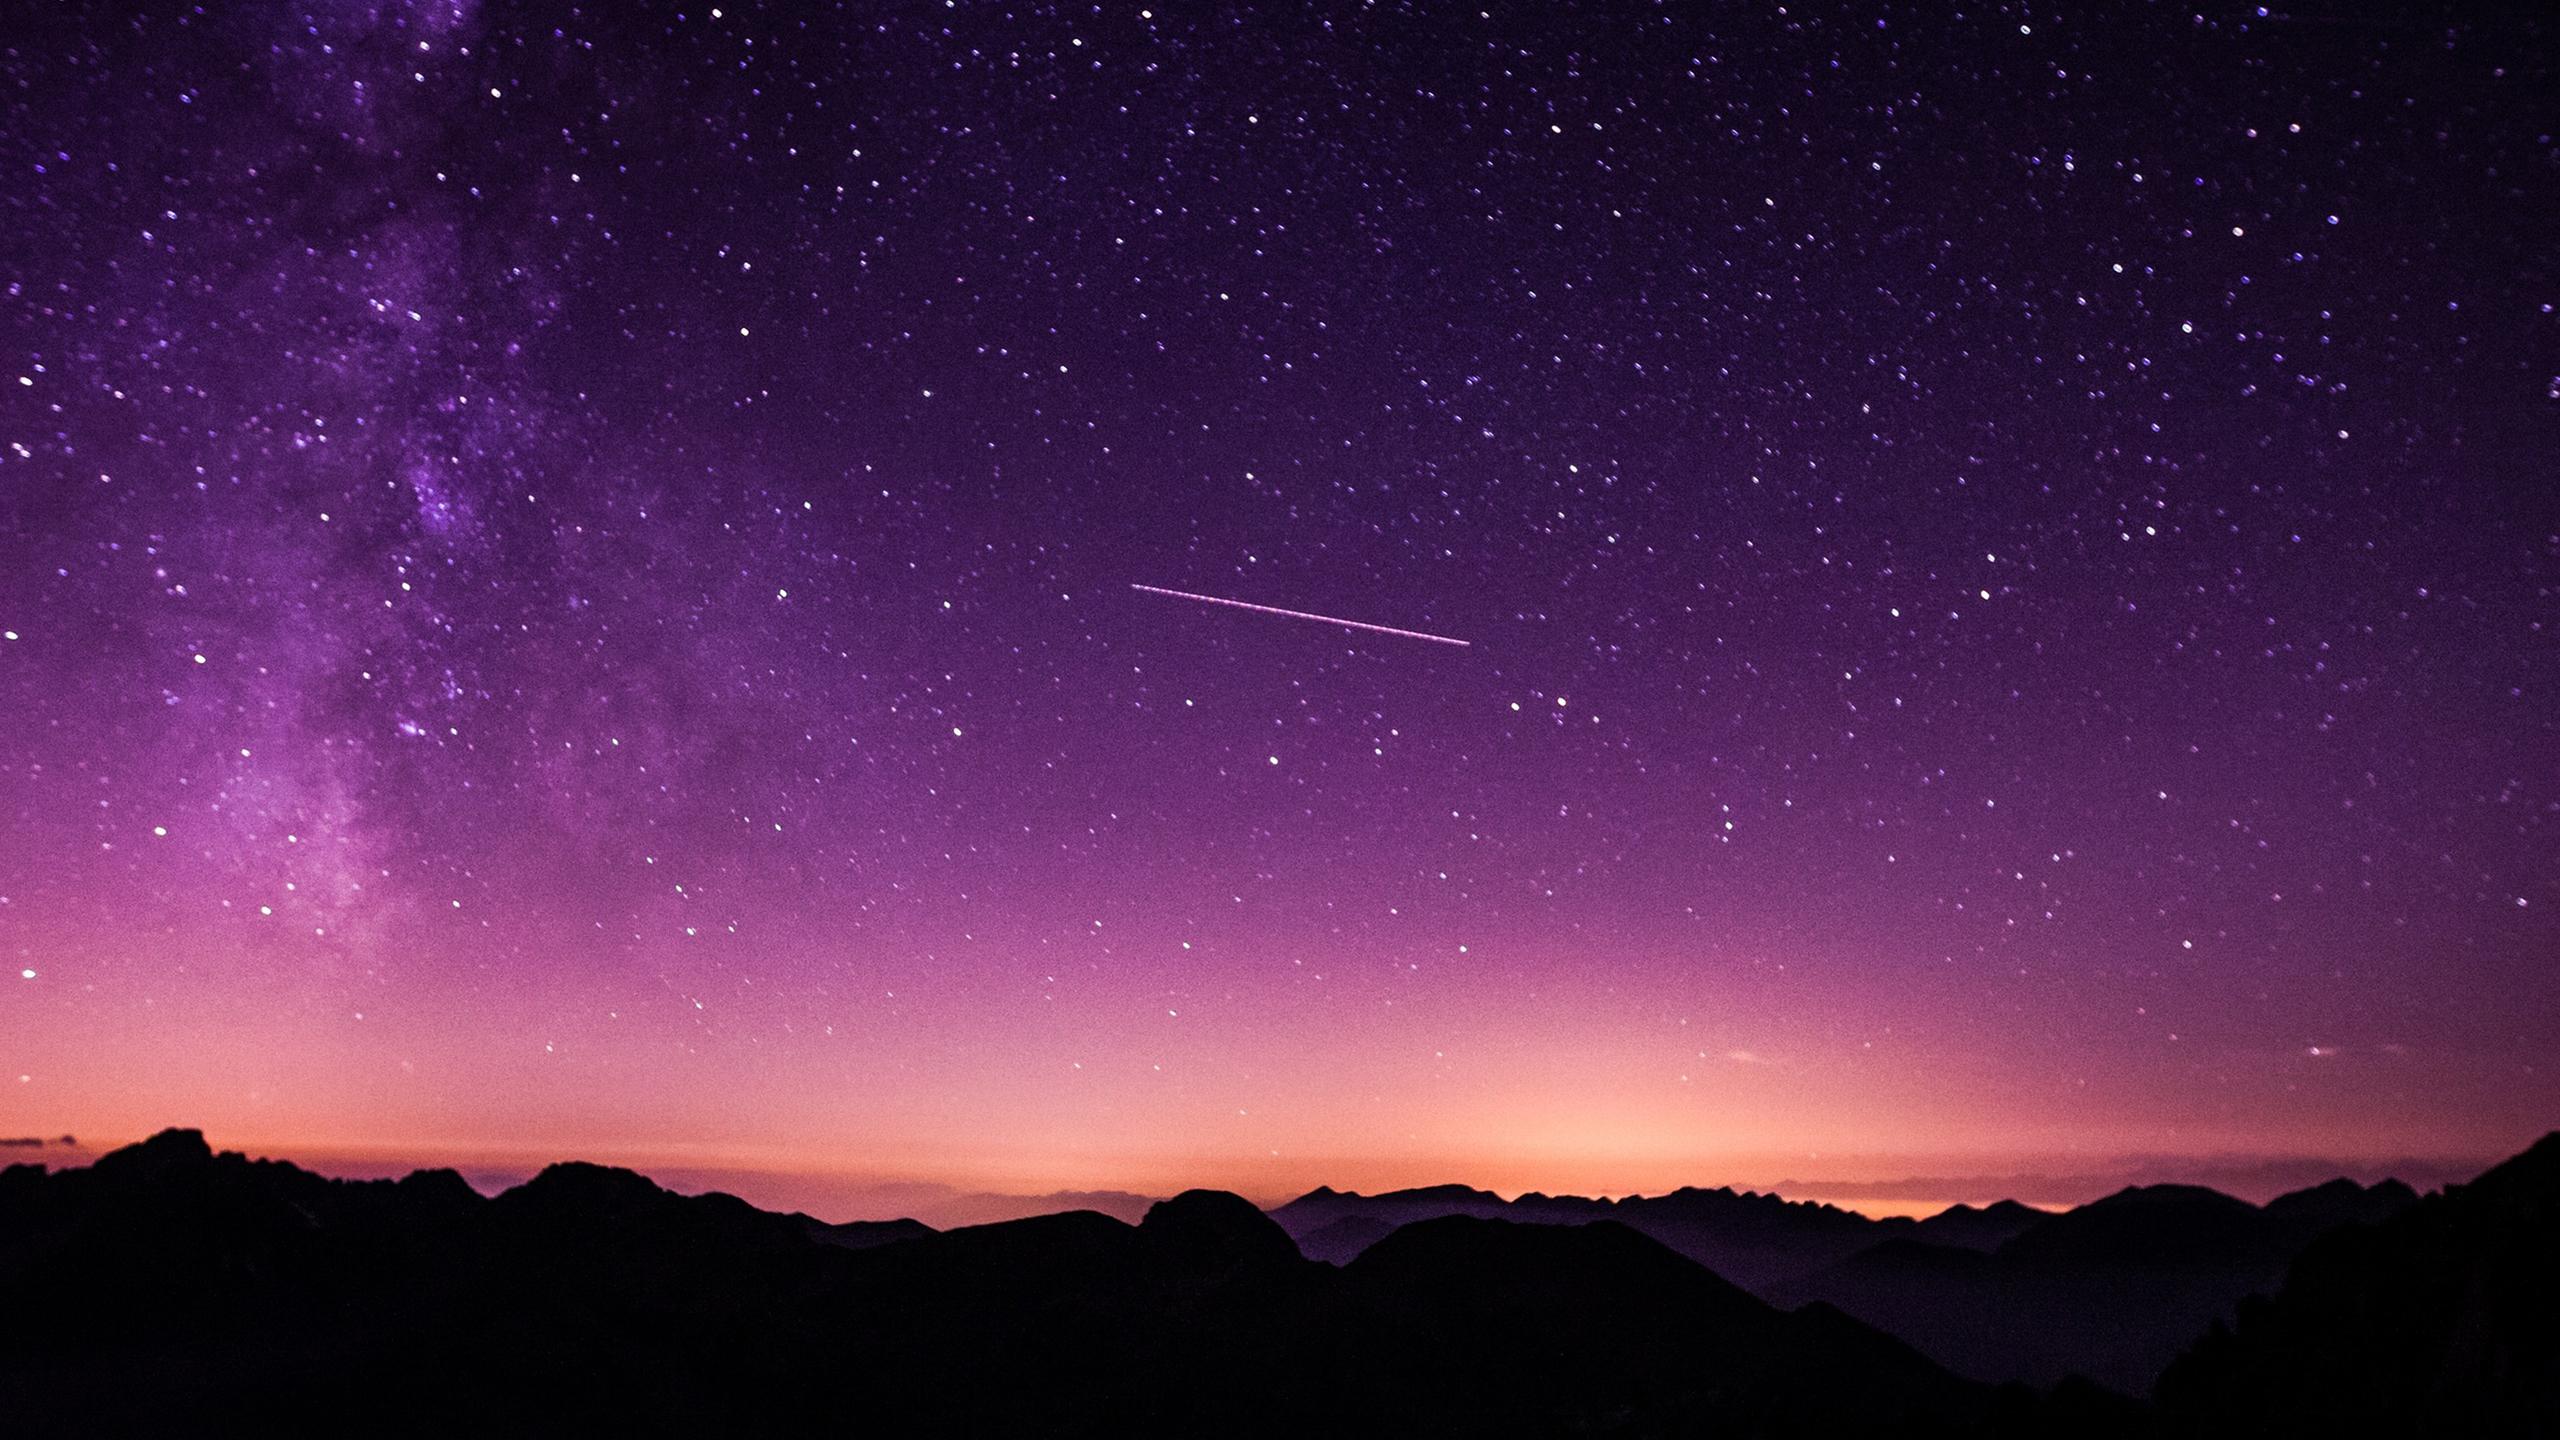 夜空の壁紙紫 星空の壁紙のhd 2560x1440 Wallpapertip